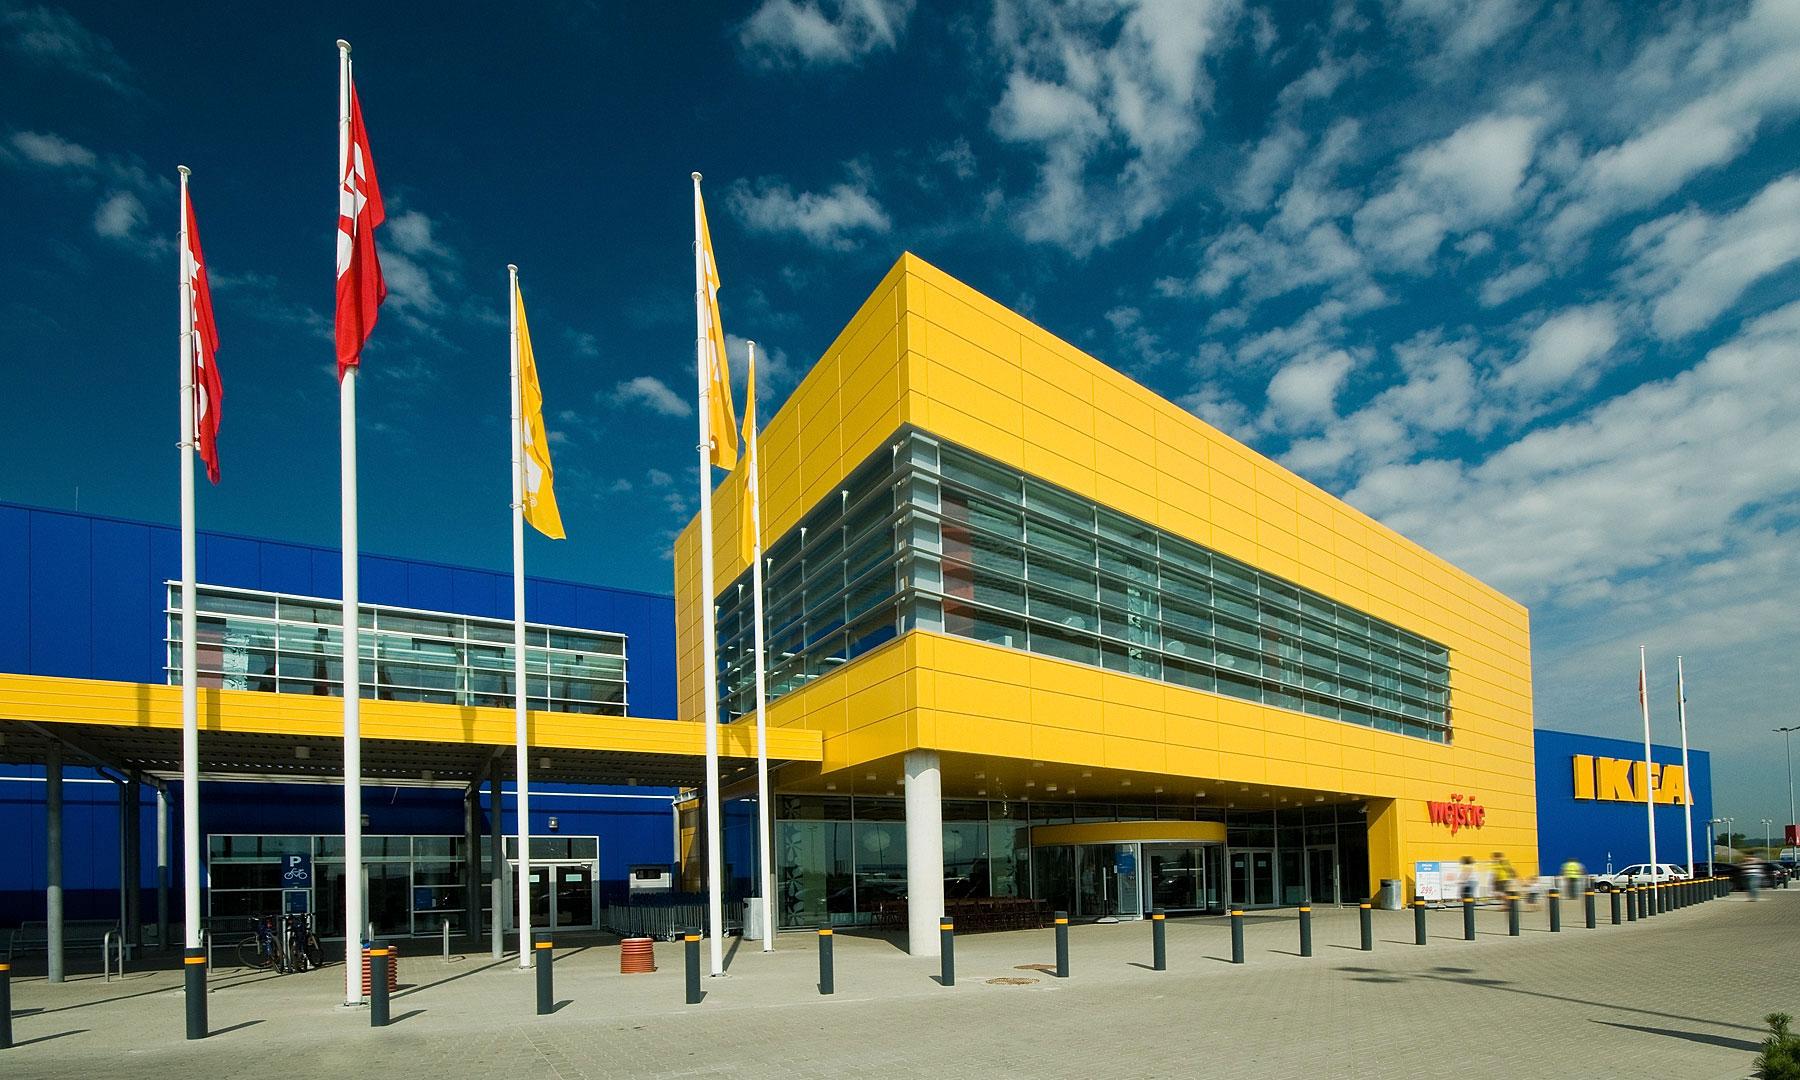 IKEA z Mobilnym Punktem Odbioru Zamówień w Sanoku - Zdjęcie główne